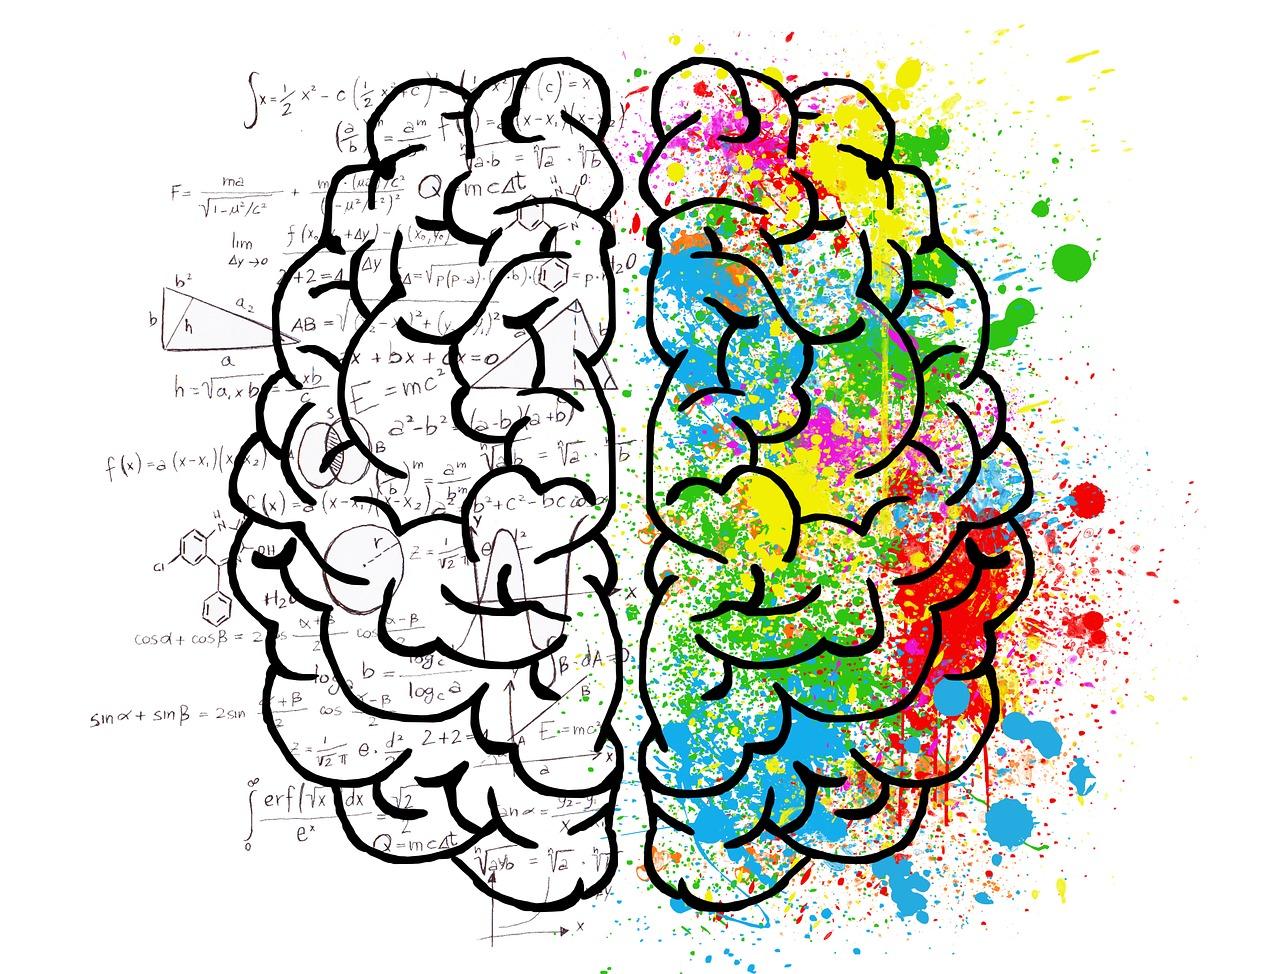 Ursprungscellen påverkar hjärntumörers tillväxt och känslighet för behandling